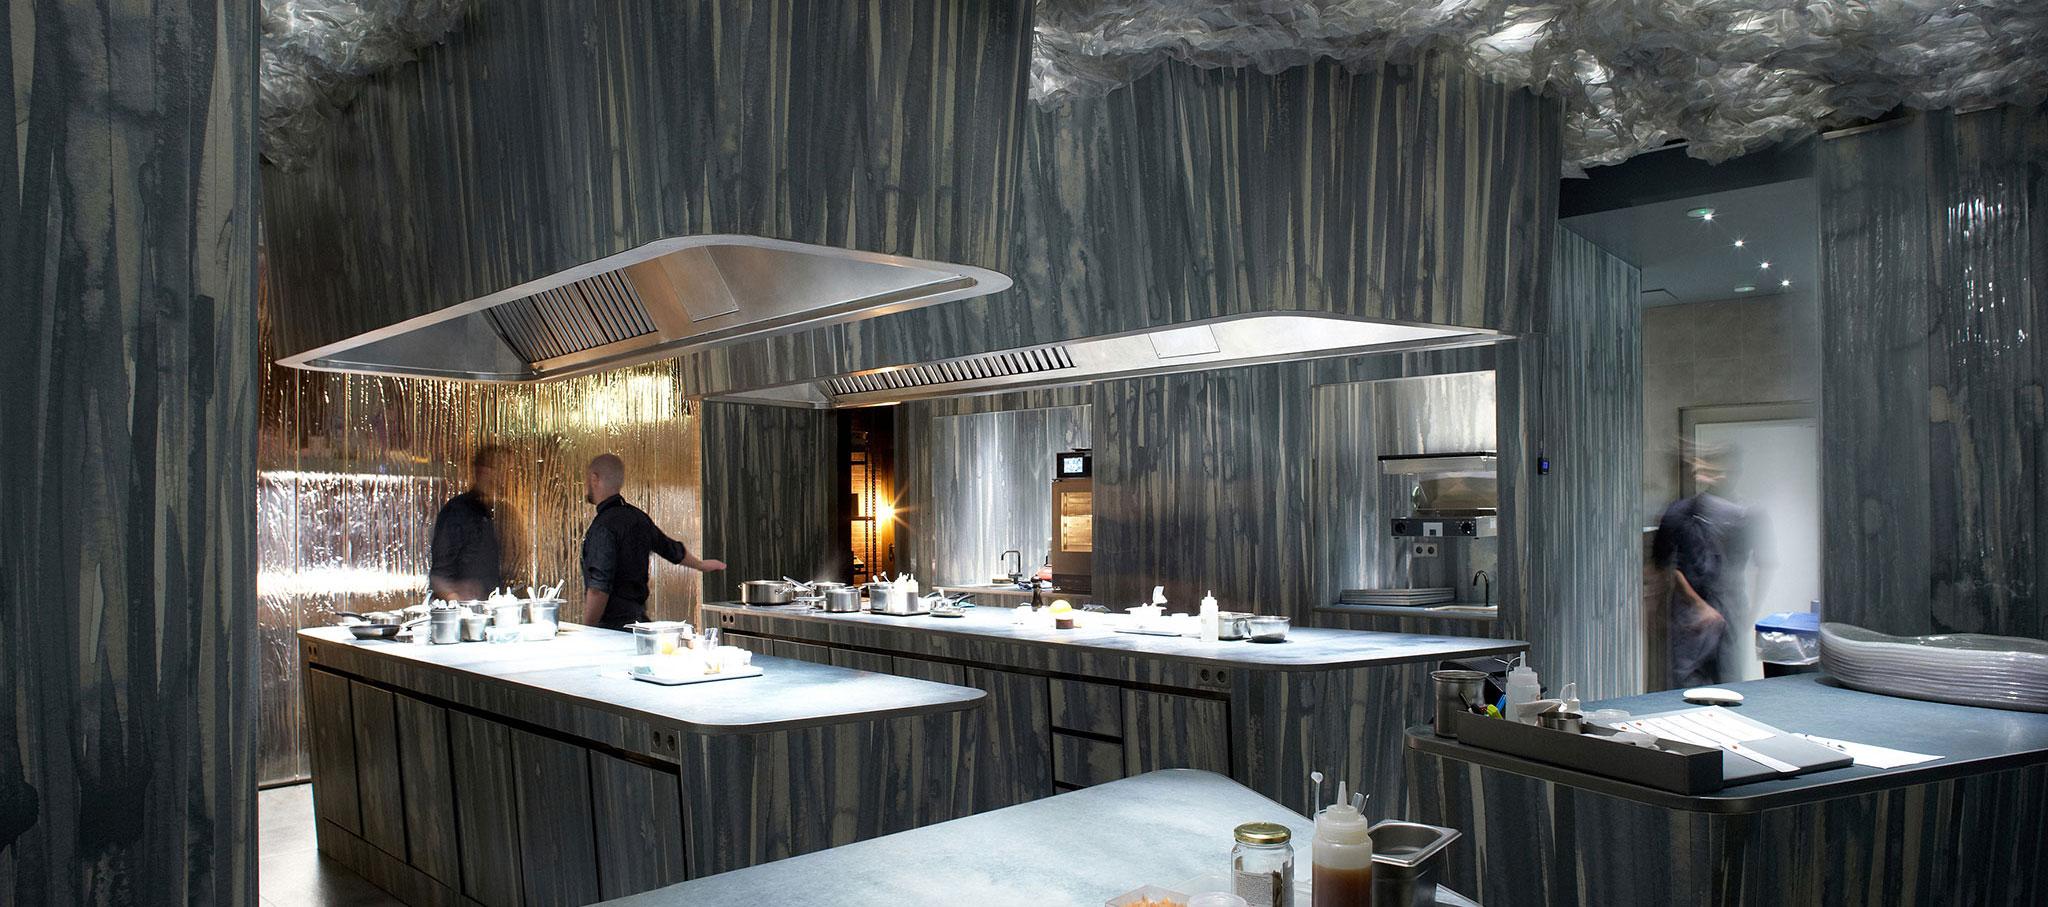 Enigma Restaurant by RCR Arquitectes. Photograph © Pepo Segura